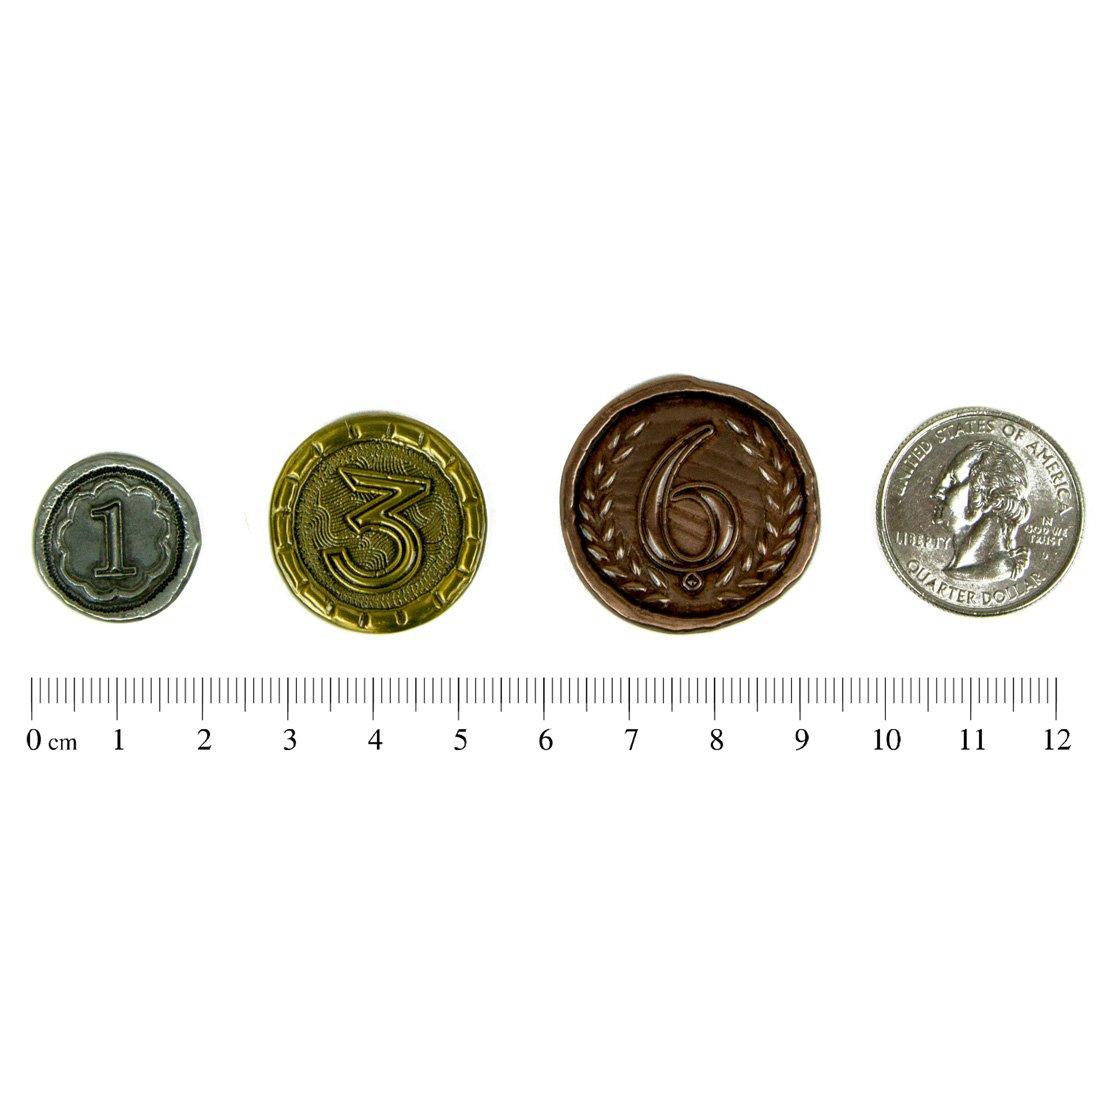 The Broken Token Wondrous Metal Coins for 7 Wonders (57) by The Broken Token